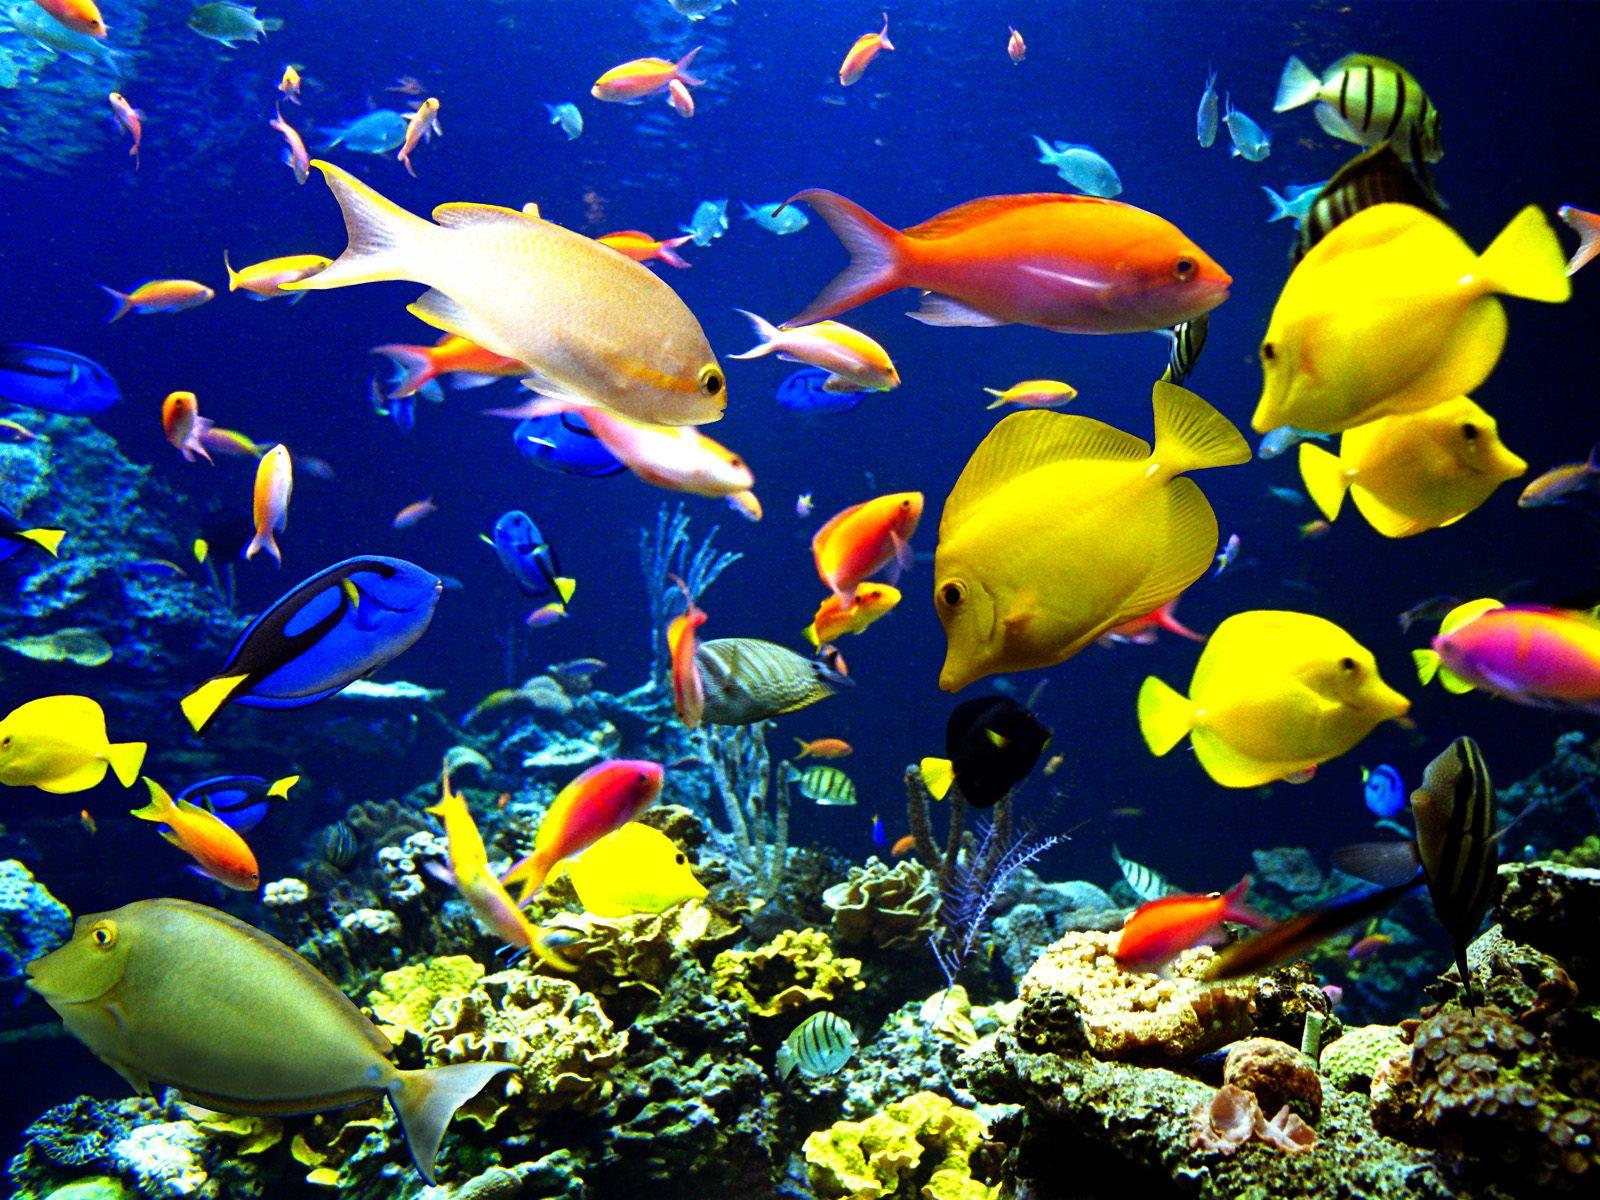 50 Amazing Sea Animal Wallpapers 1600x1200